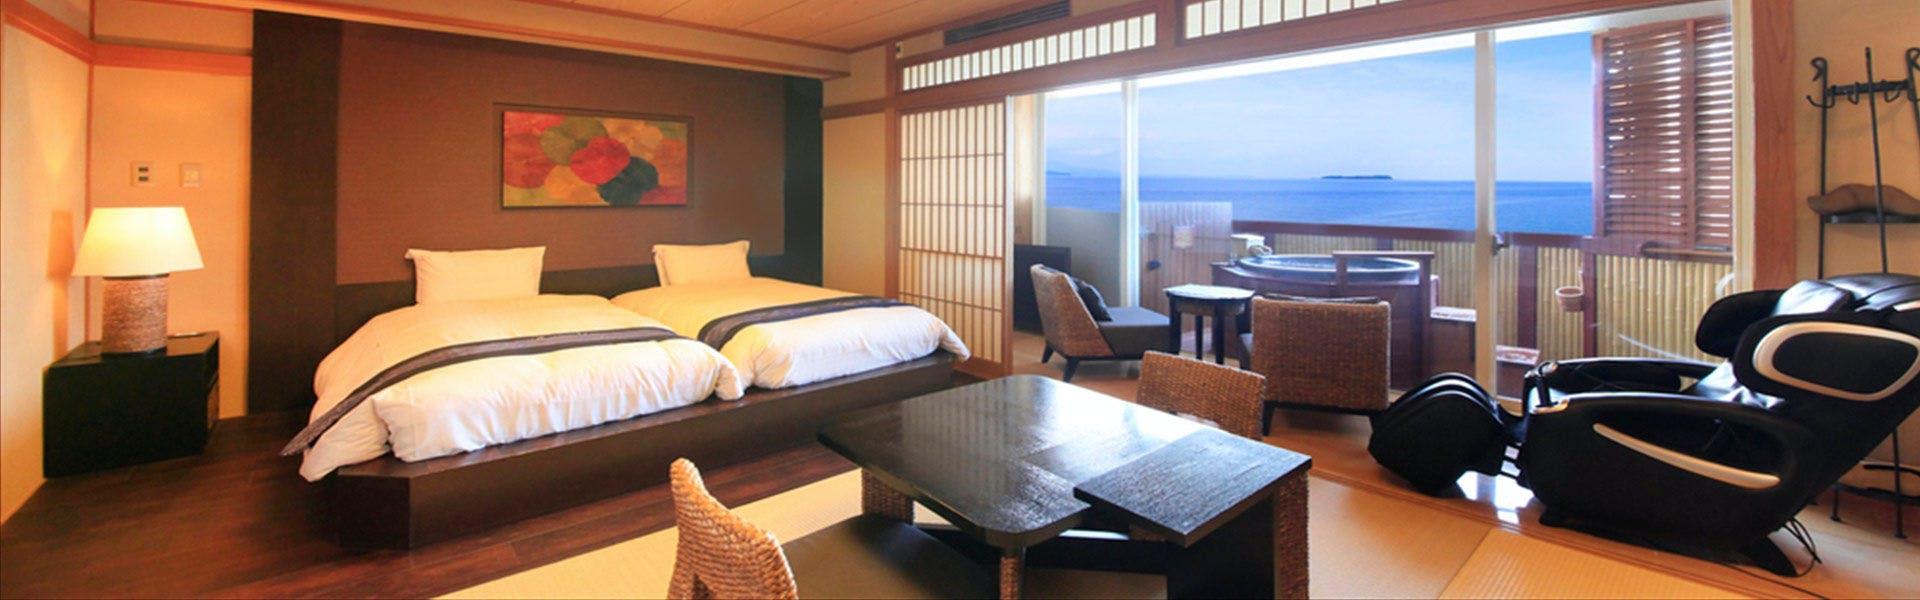 記念日におすすめのホテル・ラグジュアリー 和 ホテル風の薫の写真3